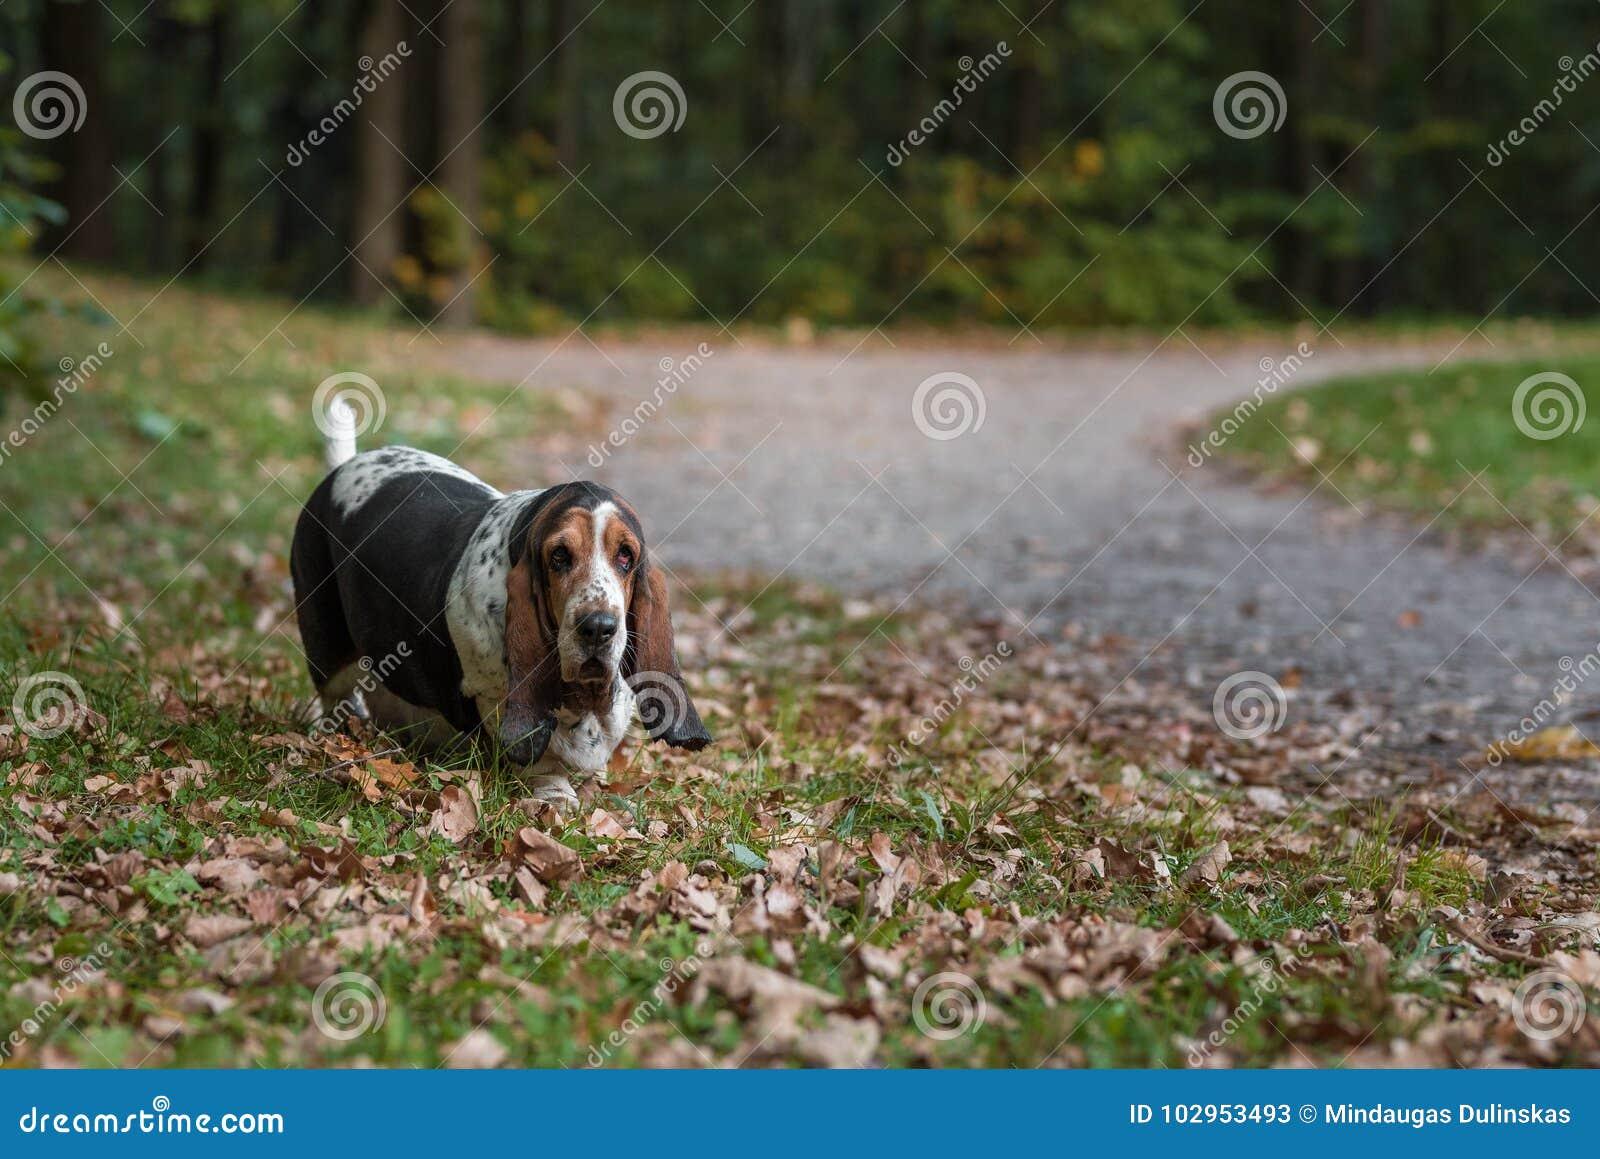 Basset Hound Dog Walks on Path.